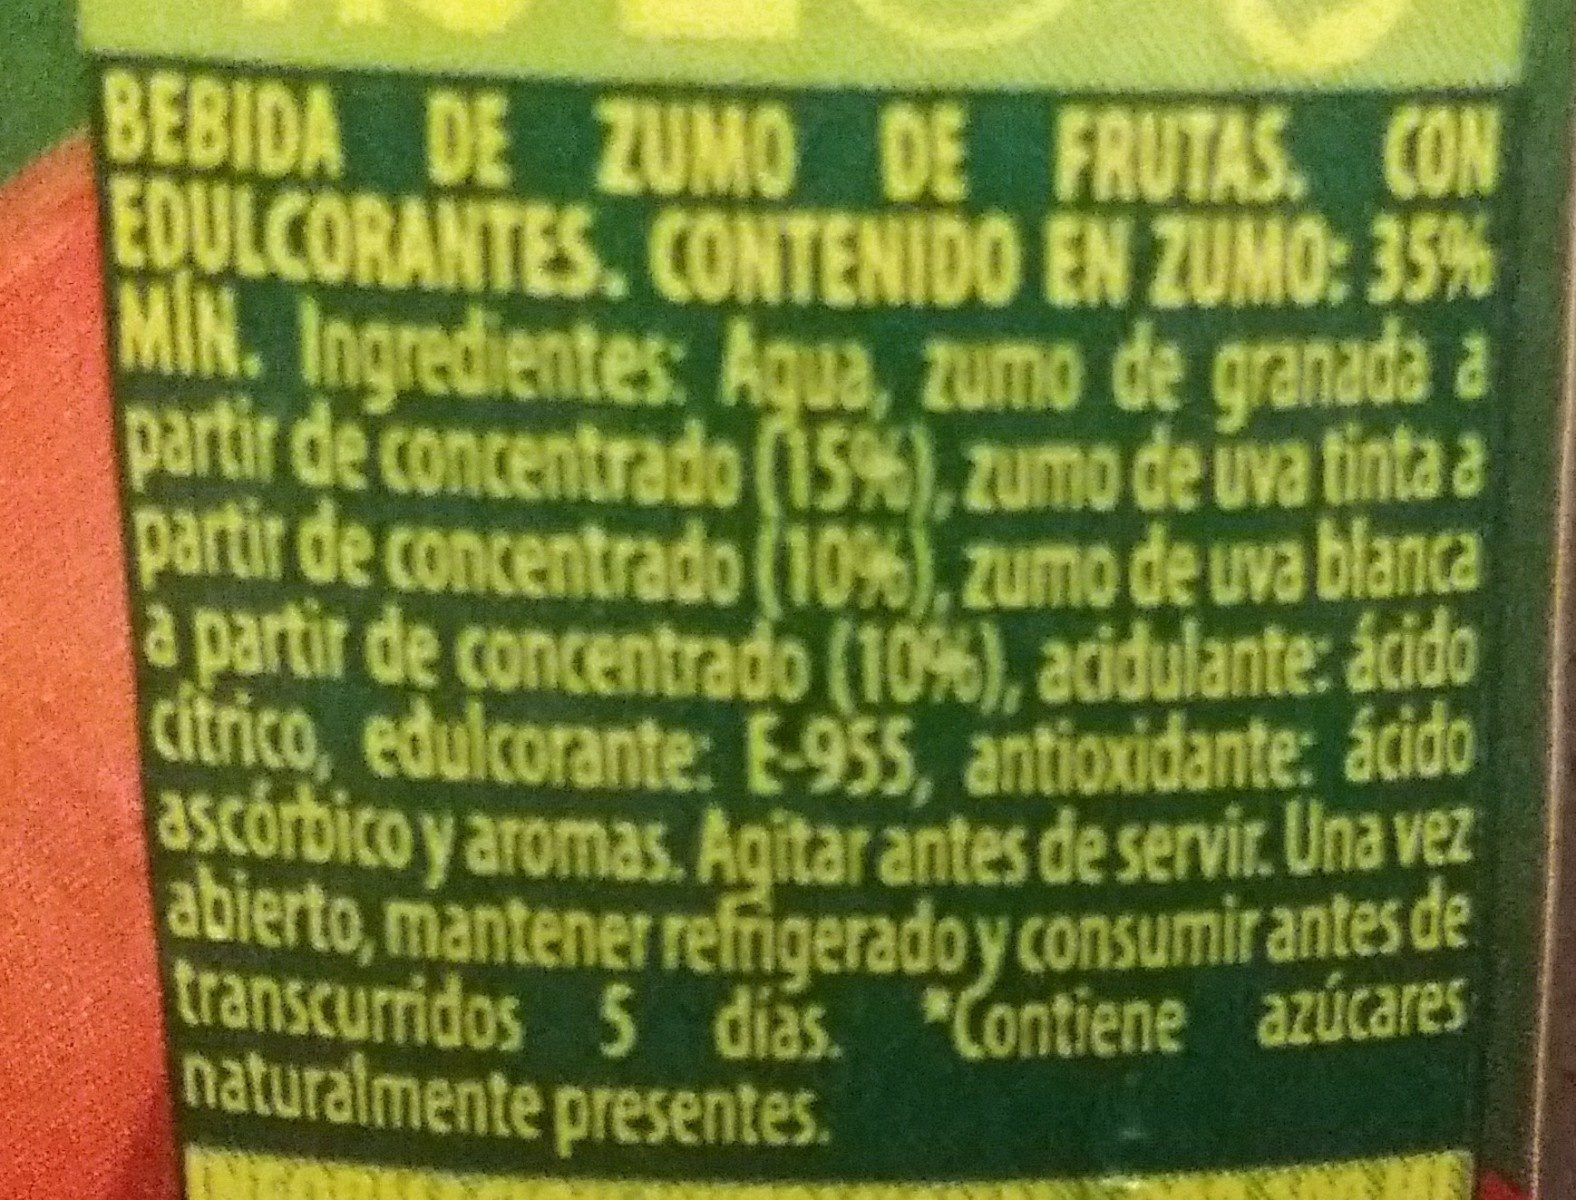 Granada y uva sin azúcares añadidos - Ingrediënten